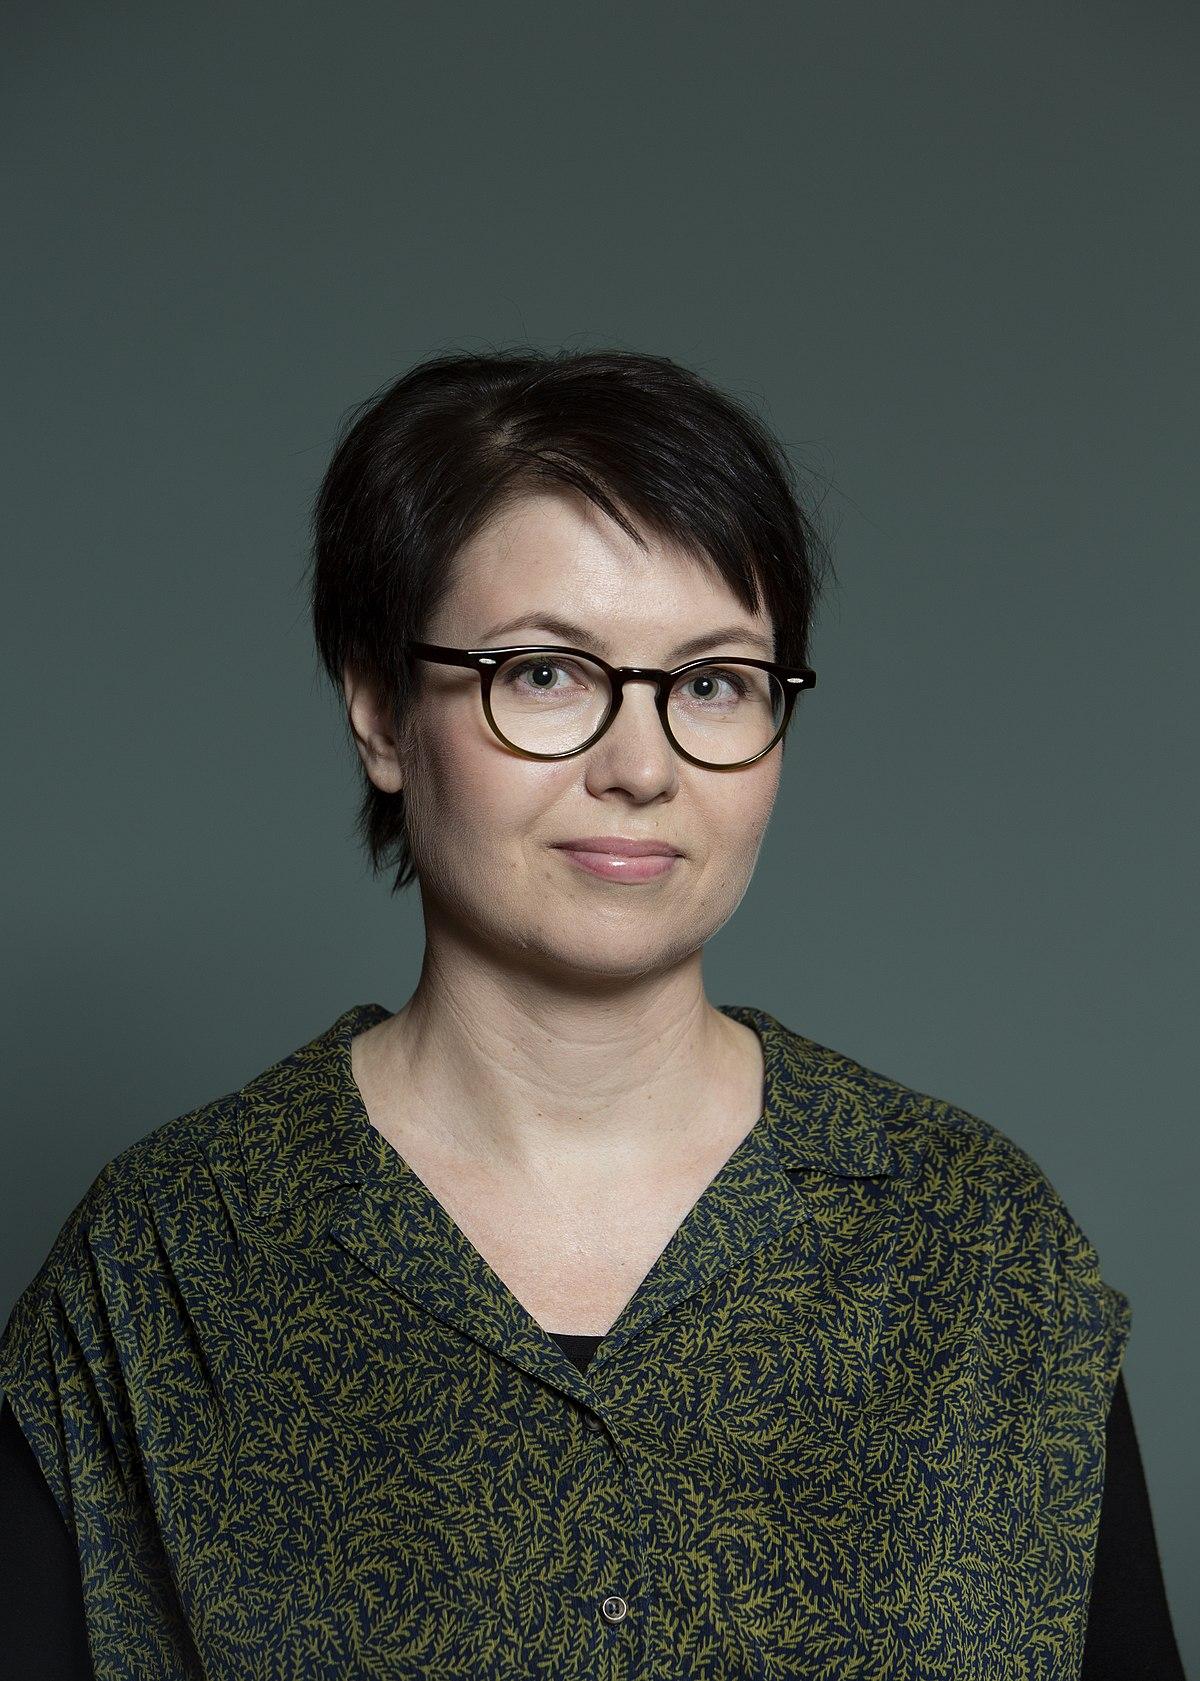 Mia Kankimäki